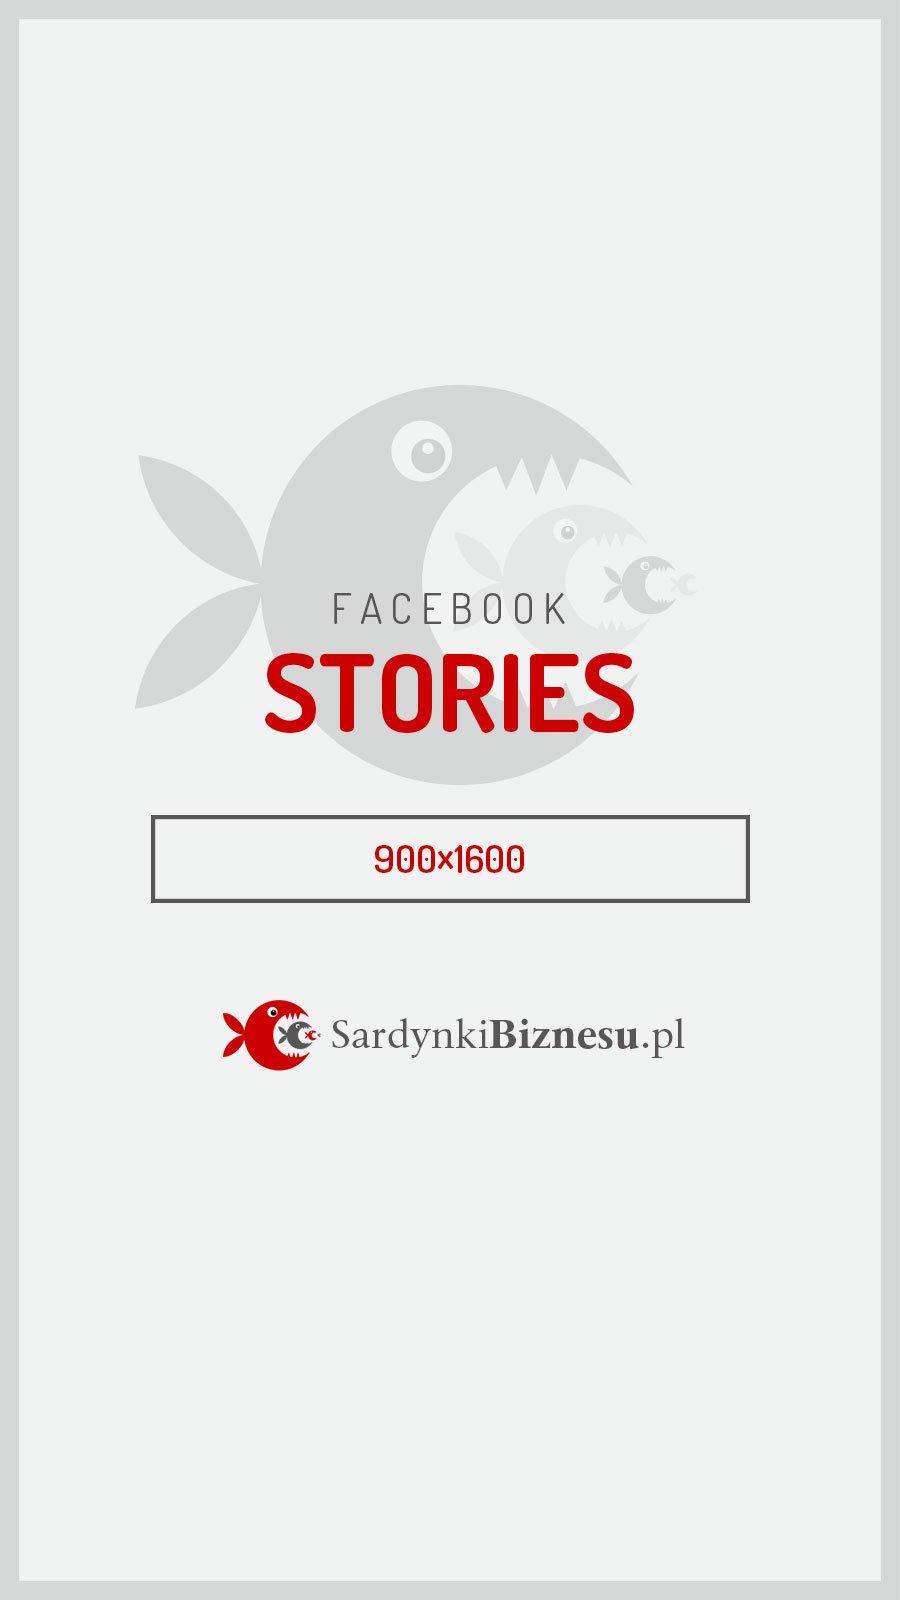 Rozmiar grafiki dla stories na Facebooku.